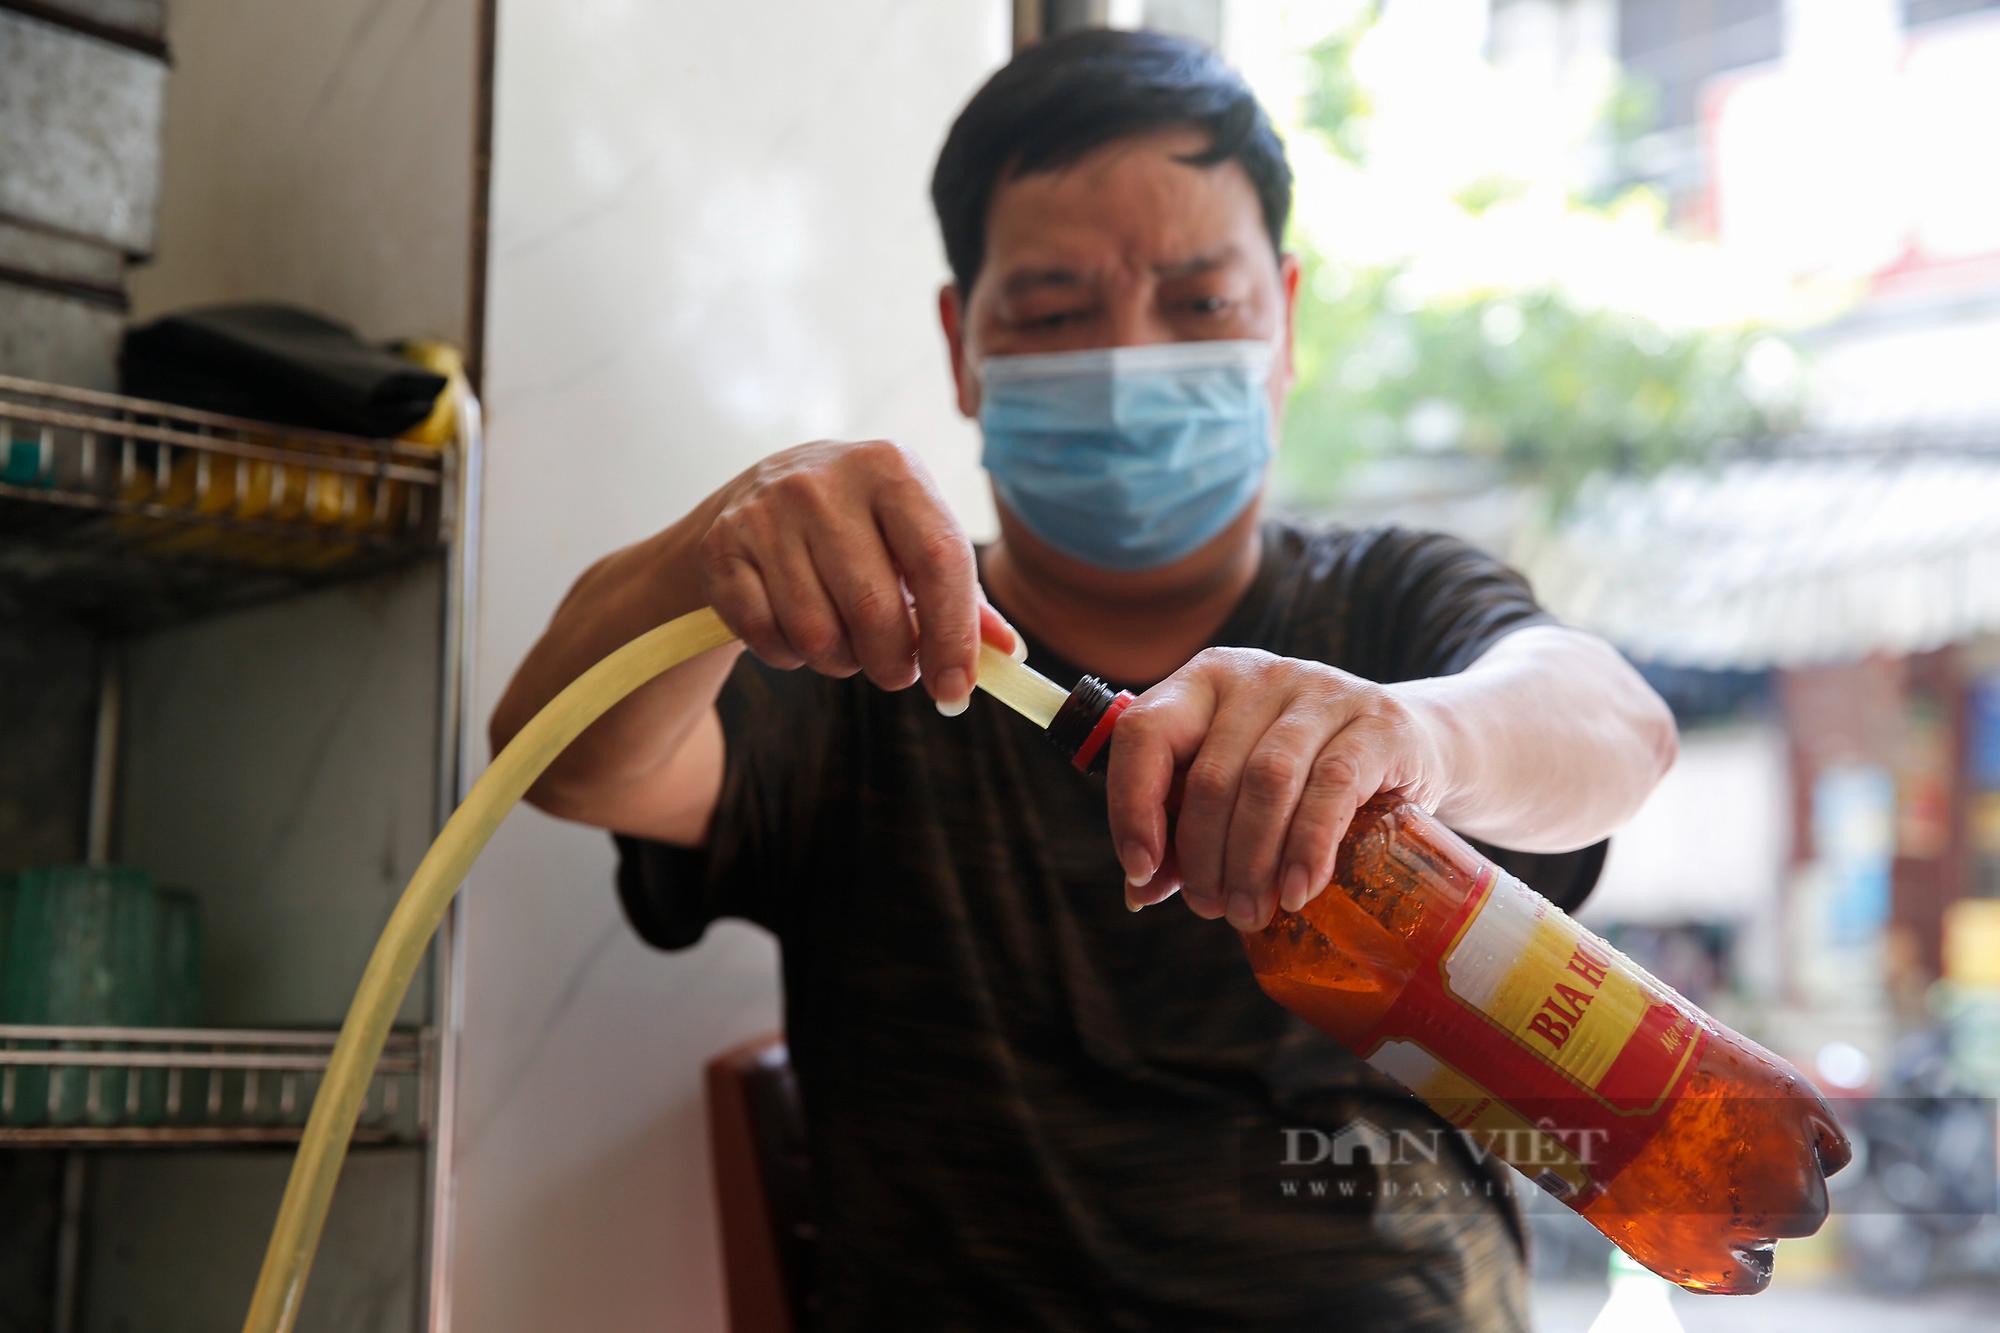 Bia hơi Hà Nội bắt đầu nhộn nhịp người mua mang về  - Ảnh 2.